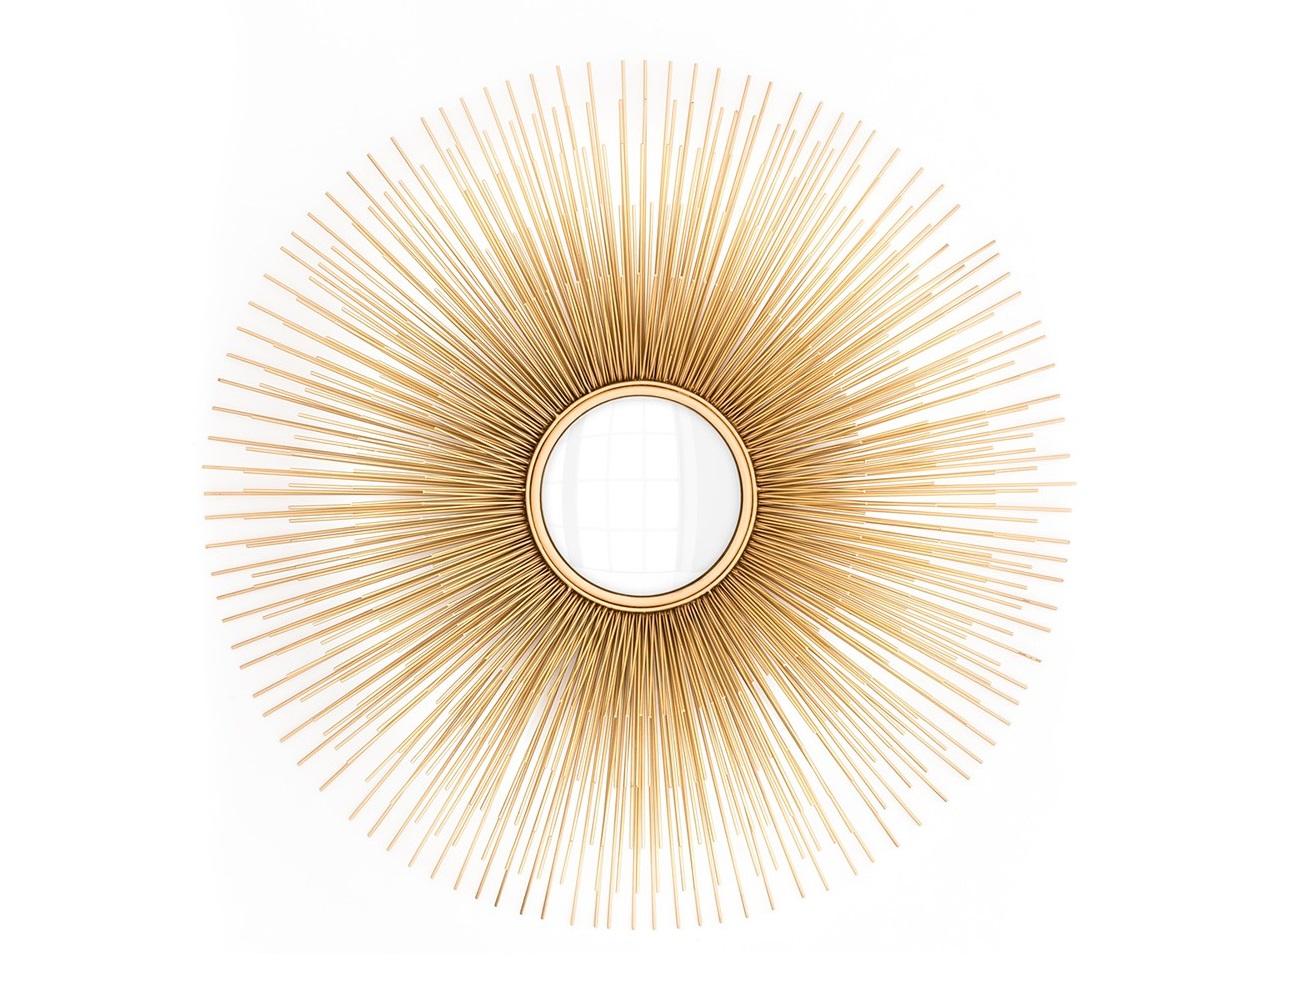 ЗеркалоНастенные зеркала<br>Зеркало Mirror Solaris с оригинальным дизайном в виде солнца. Цвет металла: золотой.<br><br>Material: Стекло<br>Diameter см: 80